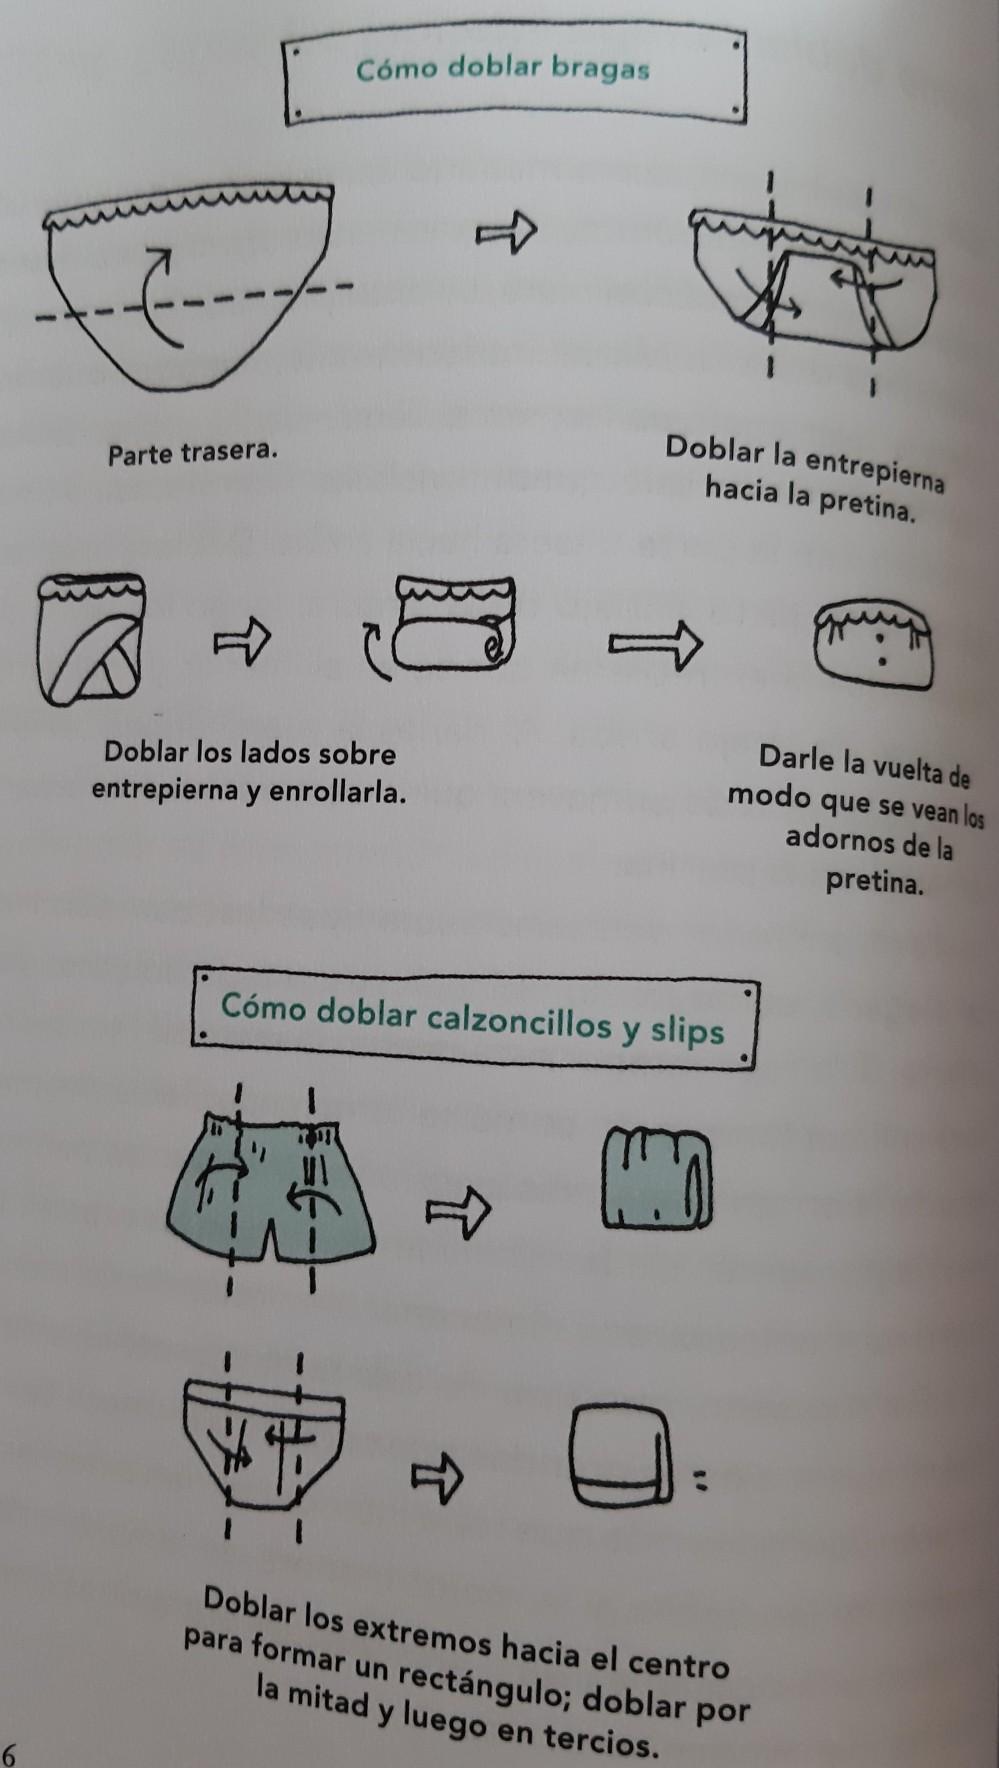 Como doblar bragas y calzoncillos